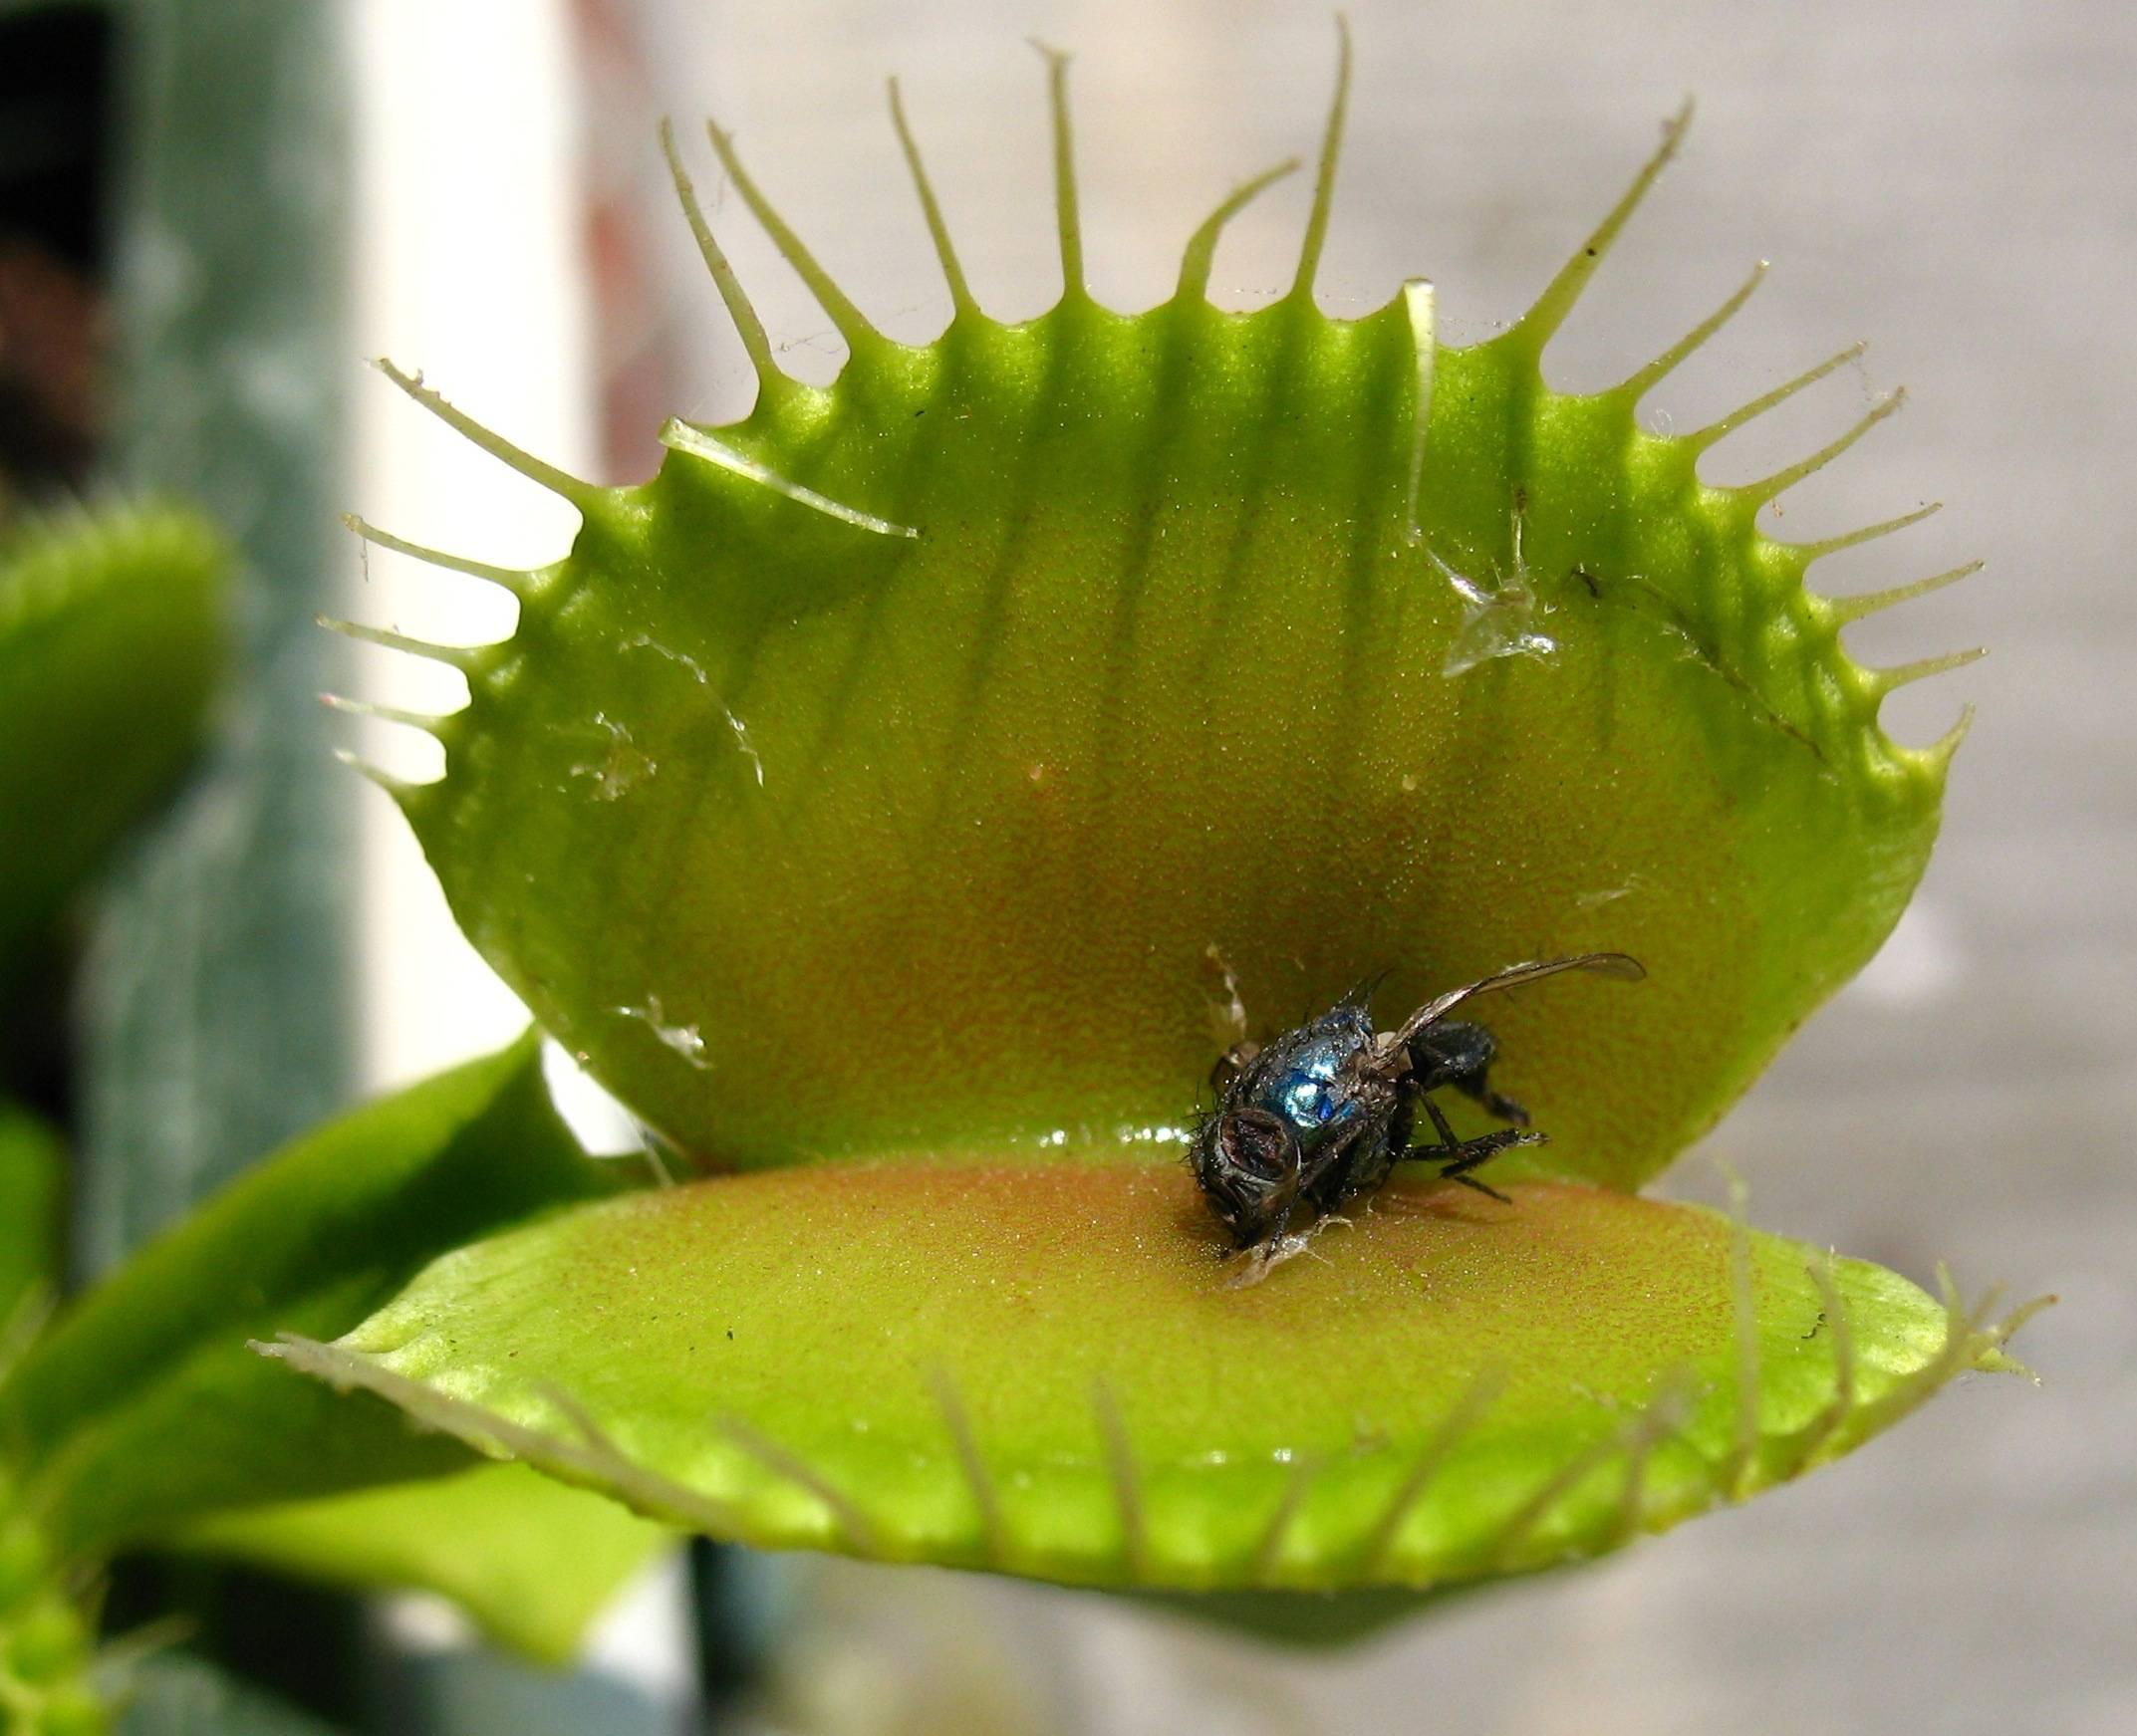 Цветок, который ест мух: название, фото и описание